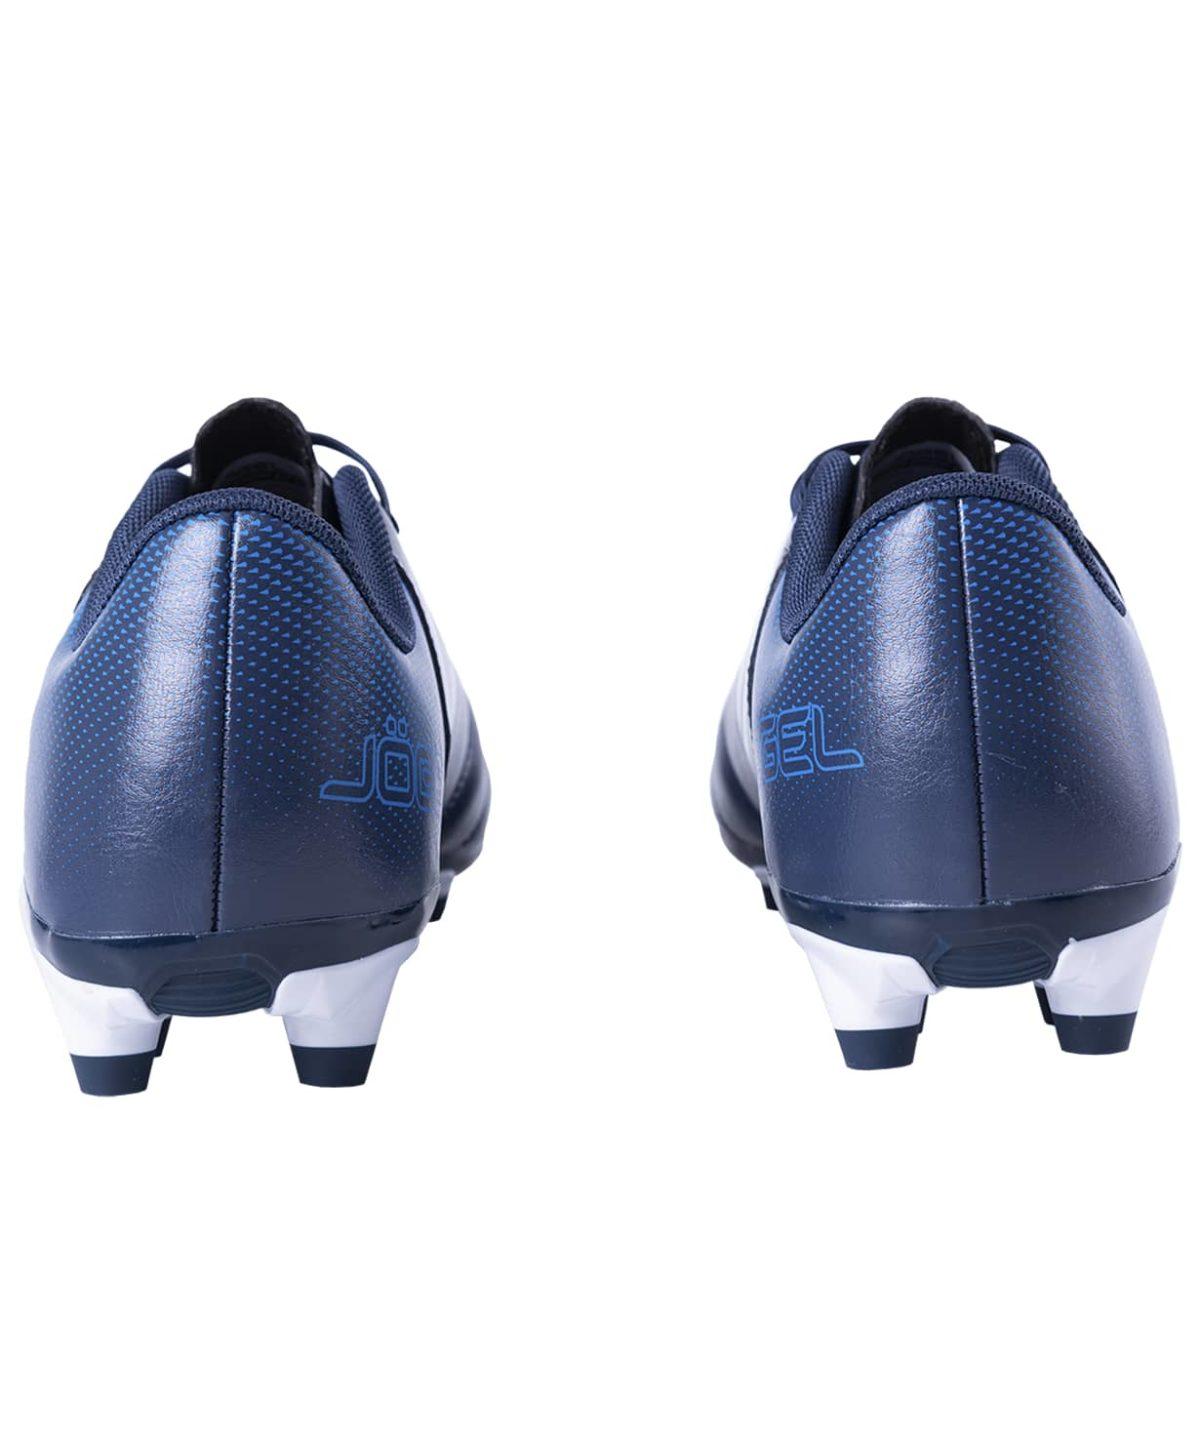 JOGEL Бутсы футбольные Mondo (39-40)  JSH402-Y: темно-синий - 4